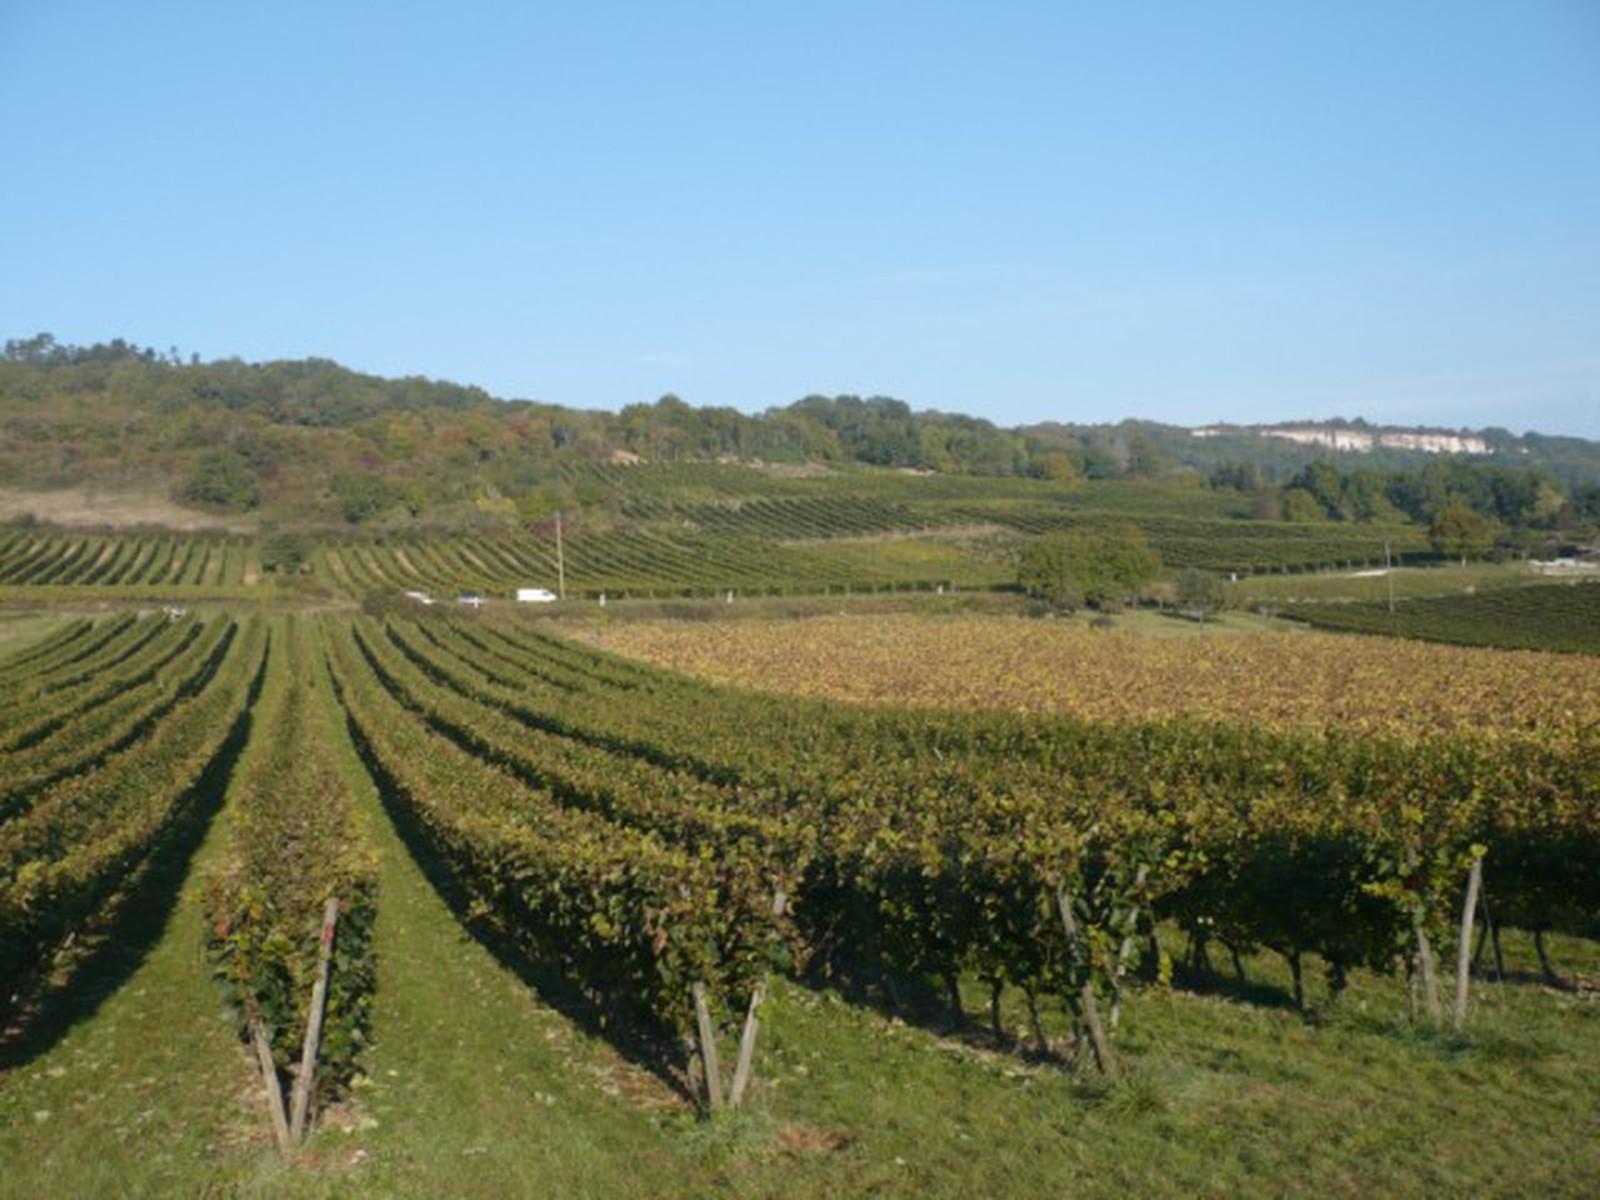 Domaine labry vigne en lyre - Planter vigne raisin de table ...